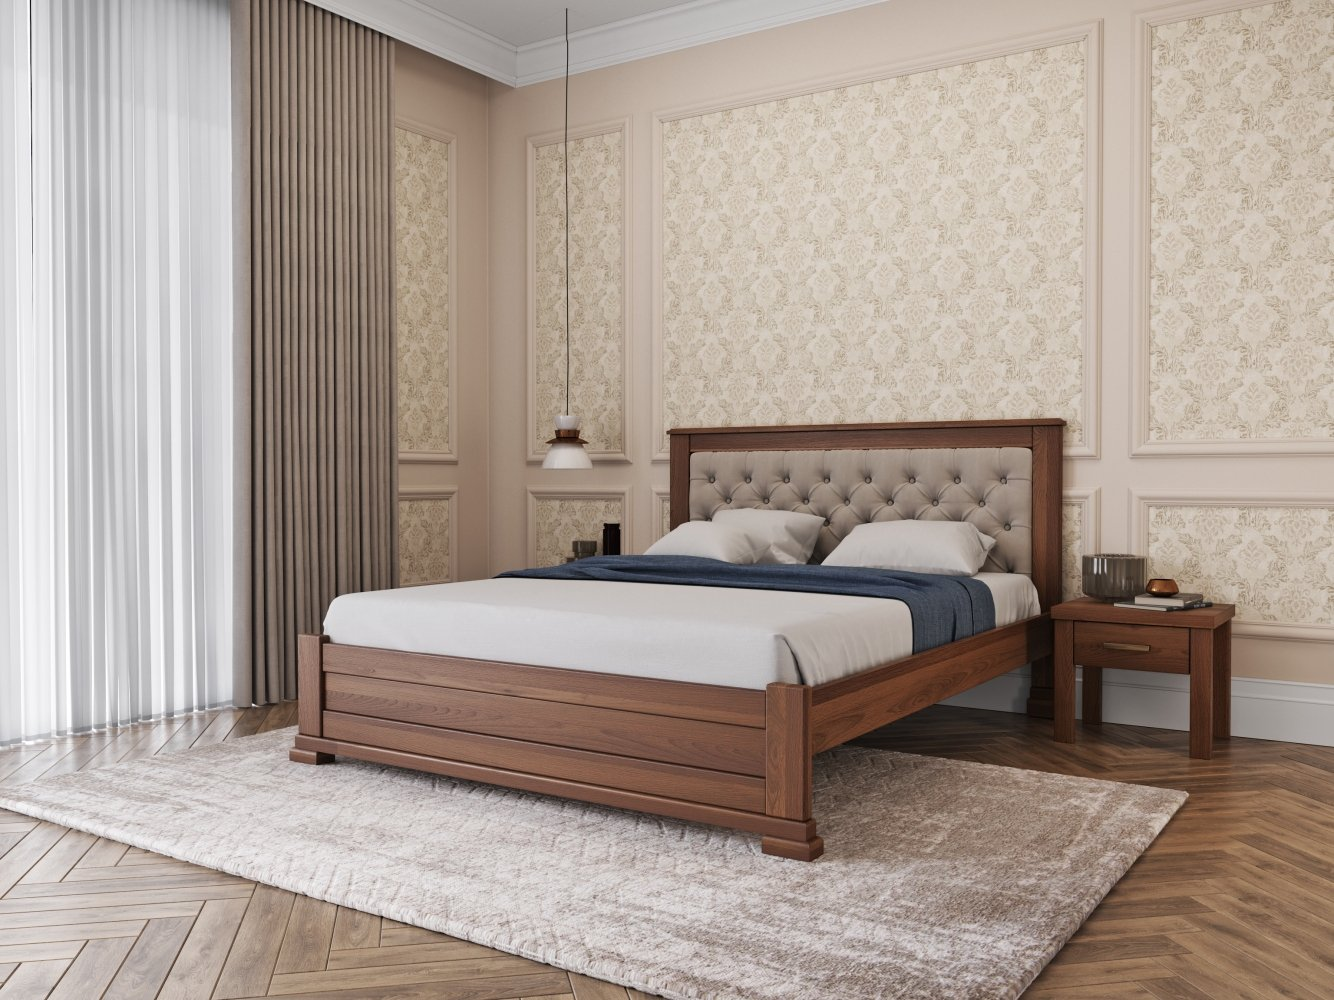 Ліжко Лорд М50 ЛЕВ 16